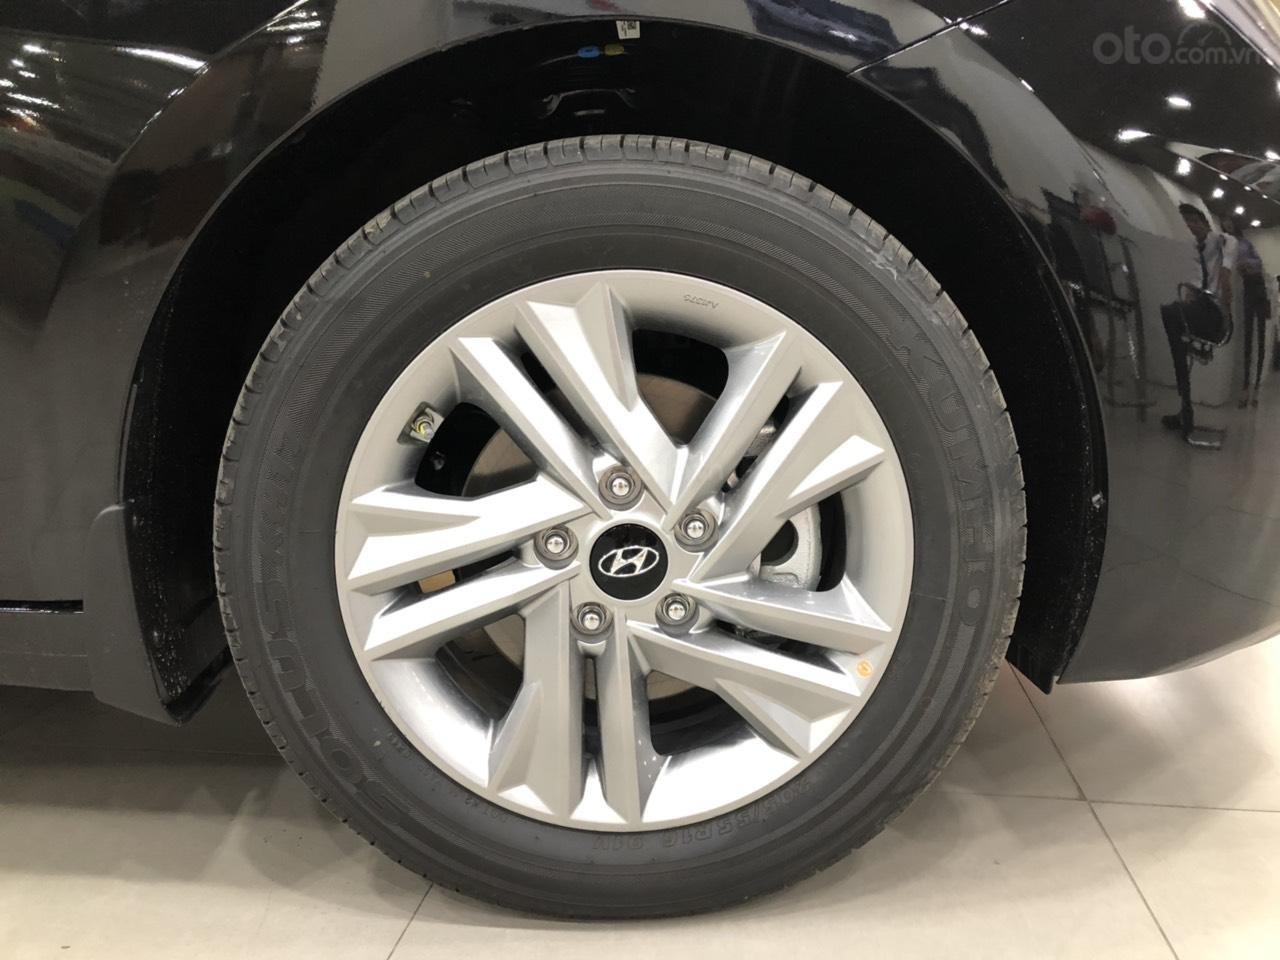 Hyundai Elantra 1.6 AT Facelift new 2019 - KM lên tới 20 triệu - giao ngay - Ms Lan 0919929923 (7)